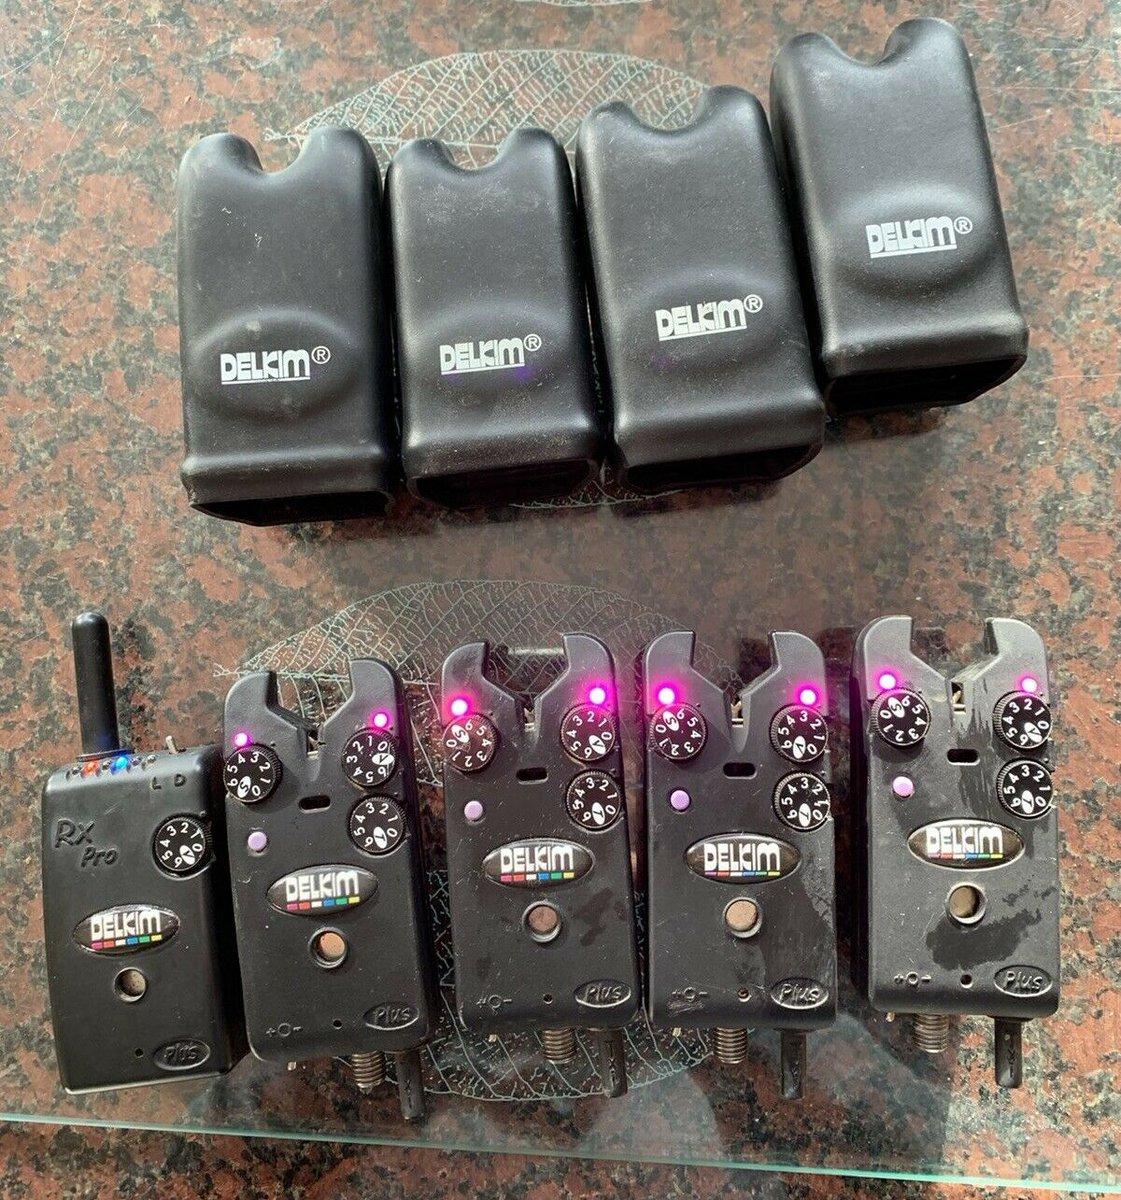 Ad - 4x Delkim Txi+ (Purple) & Reciever On eBay here -->> https://t.co/0qQt2G3UN8  #carpfi